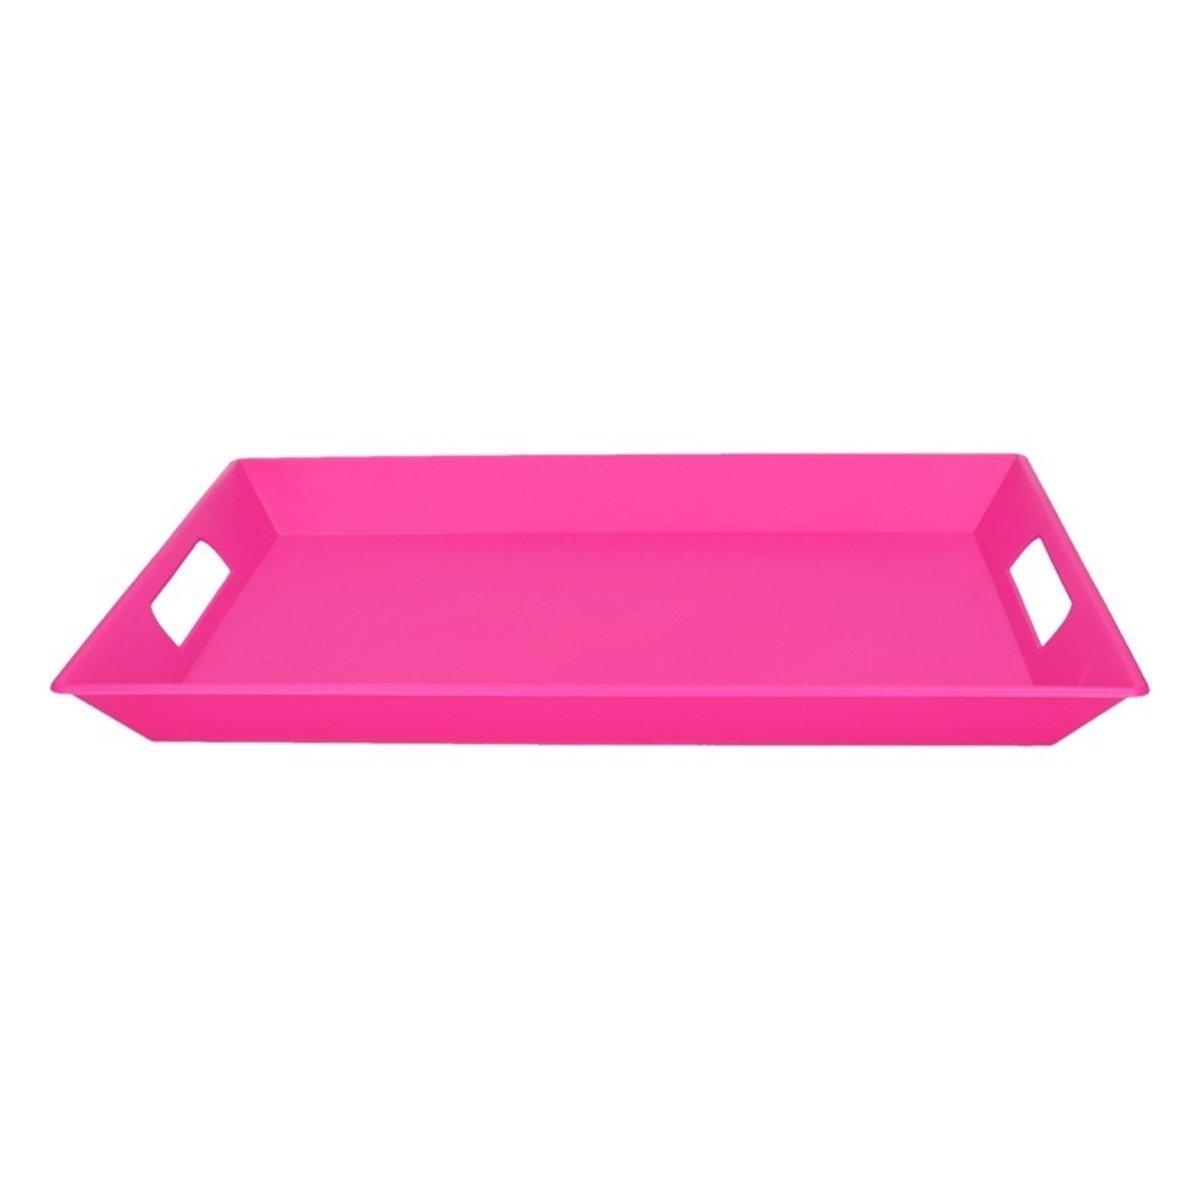 Roze dienblad - 32 x 45 cm - kunststof